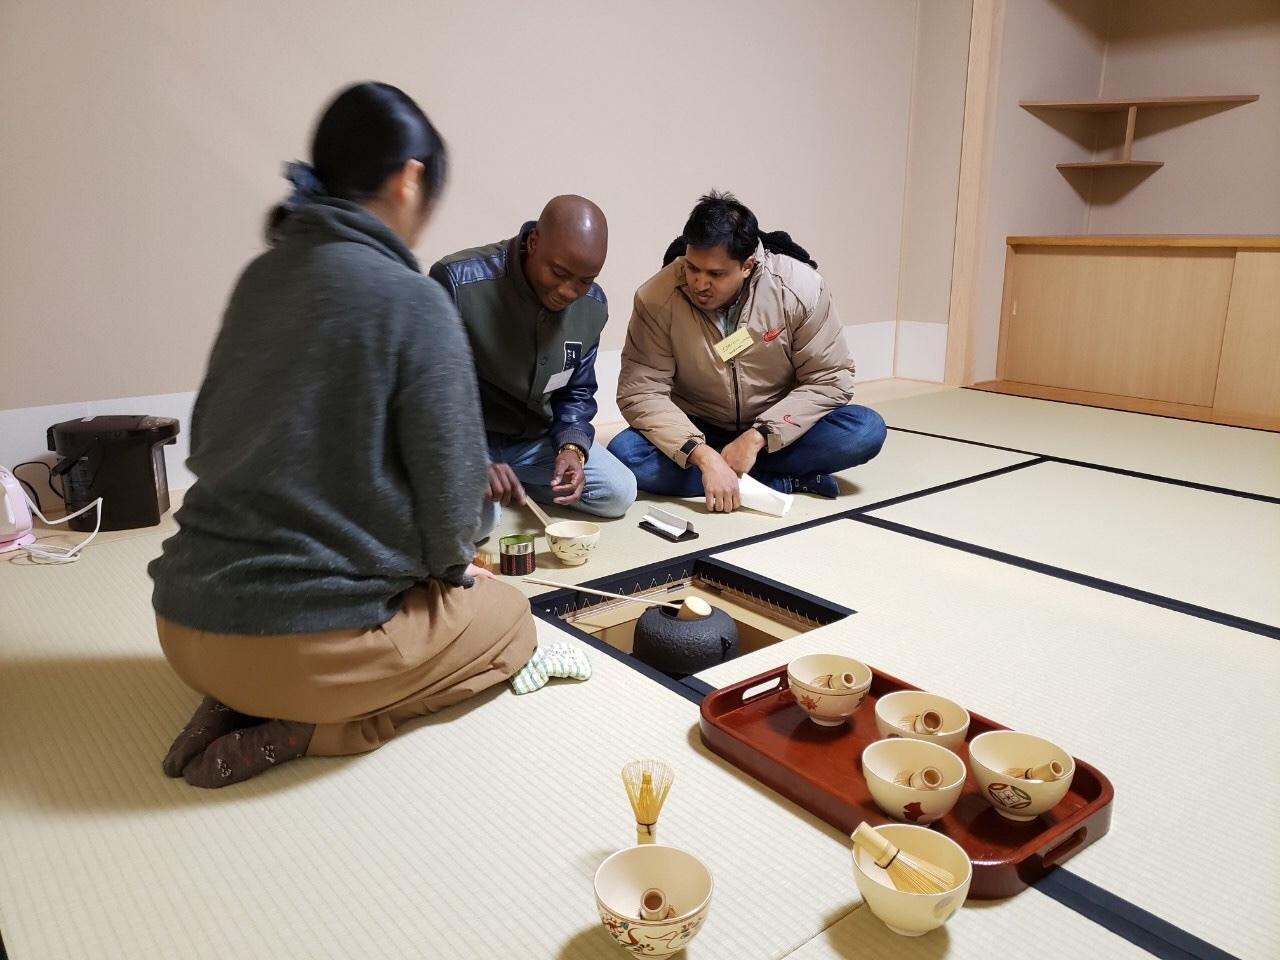 日曜朝教室(2019.12.22)お茶会🍵_e0175020_10080128.jpeg